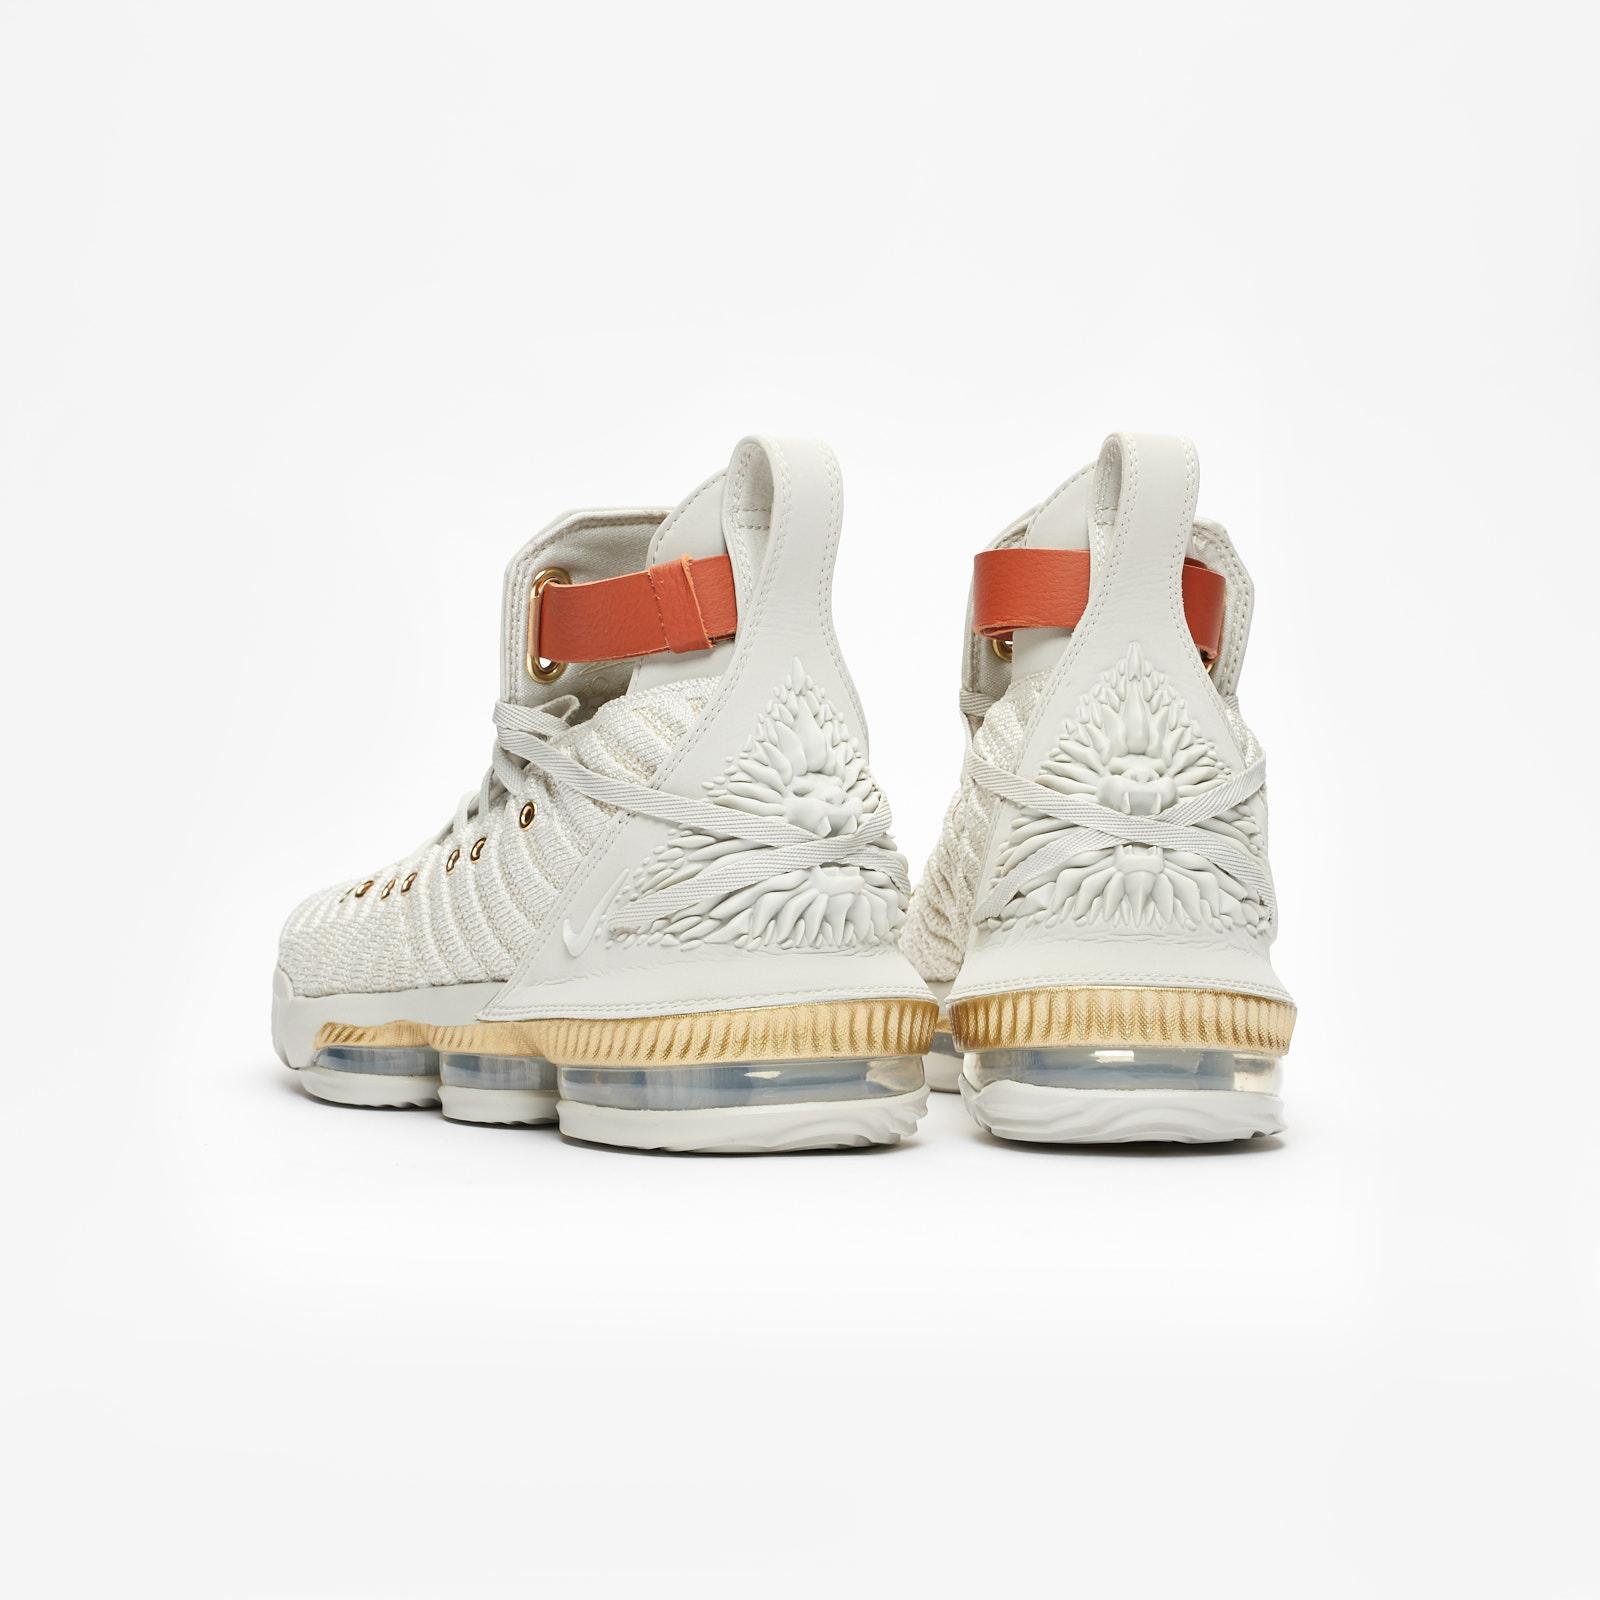 01b370a89a7c Nike Wmns LeBron XVI LMTD - Bq6583-100 - Sneakersnstuff